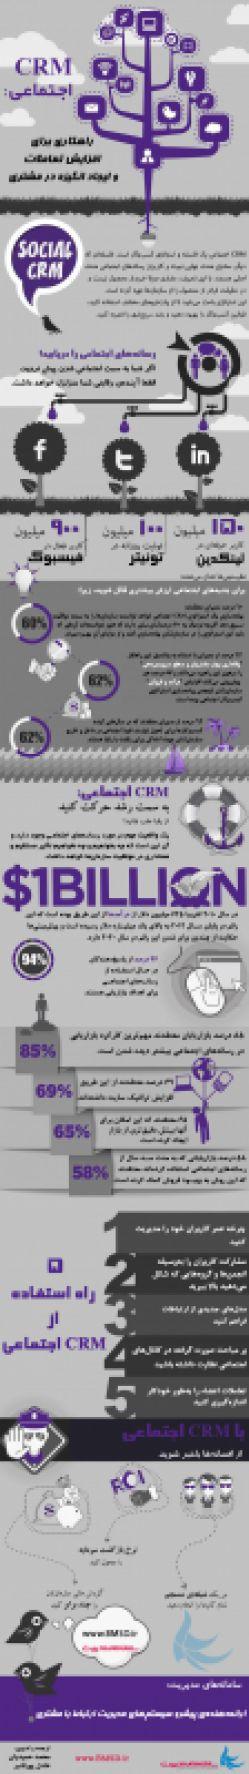 افزایش تعاملات با مشتریان توسط CRM اجتماعی http://www.bmsd.ir